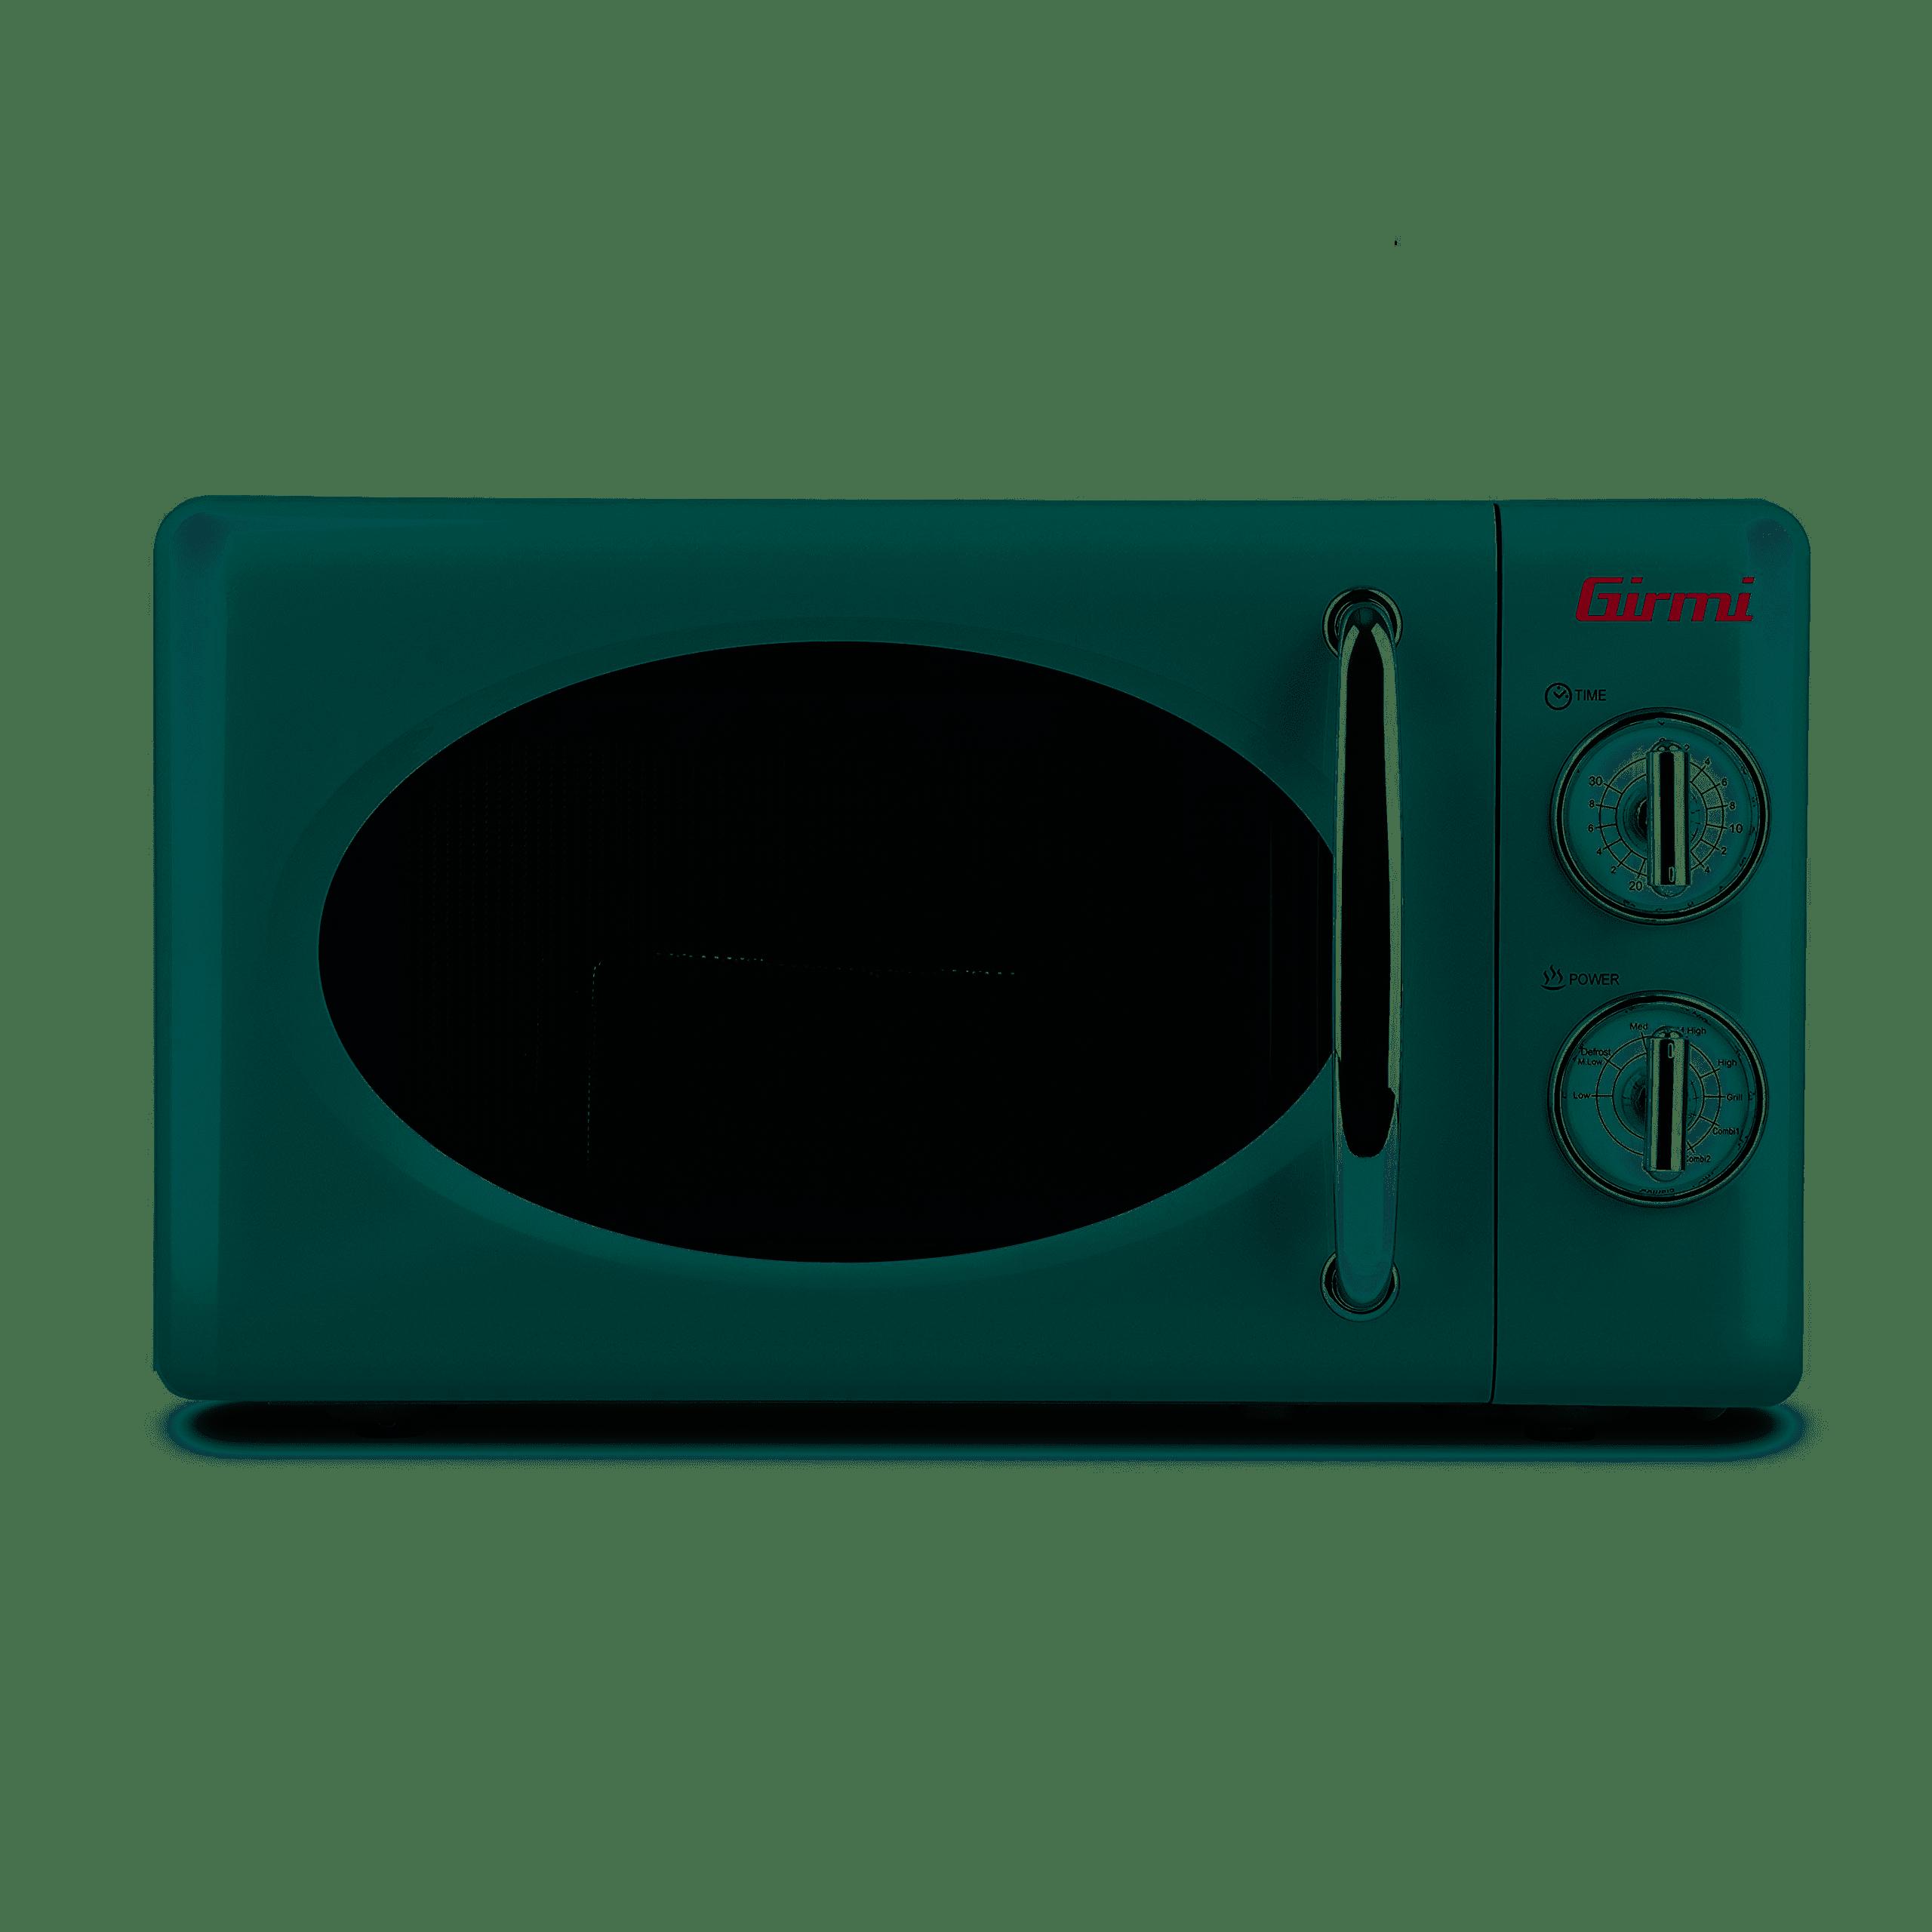 FORNO MICROONDE COMBINATO VINTAGE DESIGN GIRMI FM21 700 + 800 WATT LT. 20